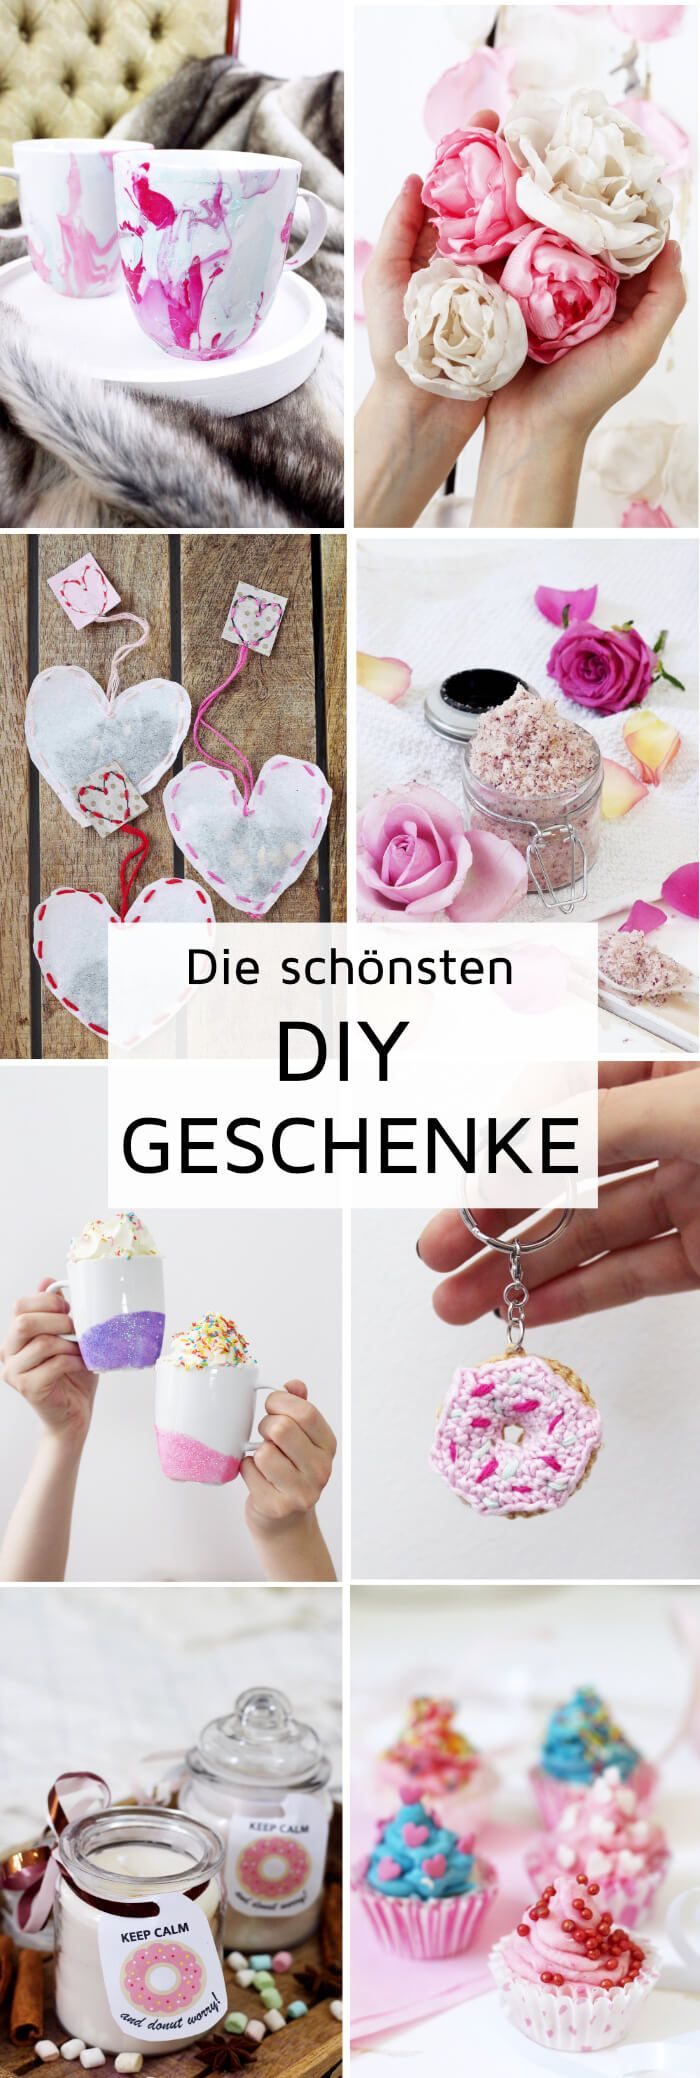 DIY Geschenke selber machen: Kreative Geschenkideen basteln | DIY ...